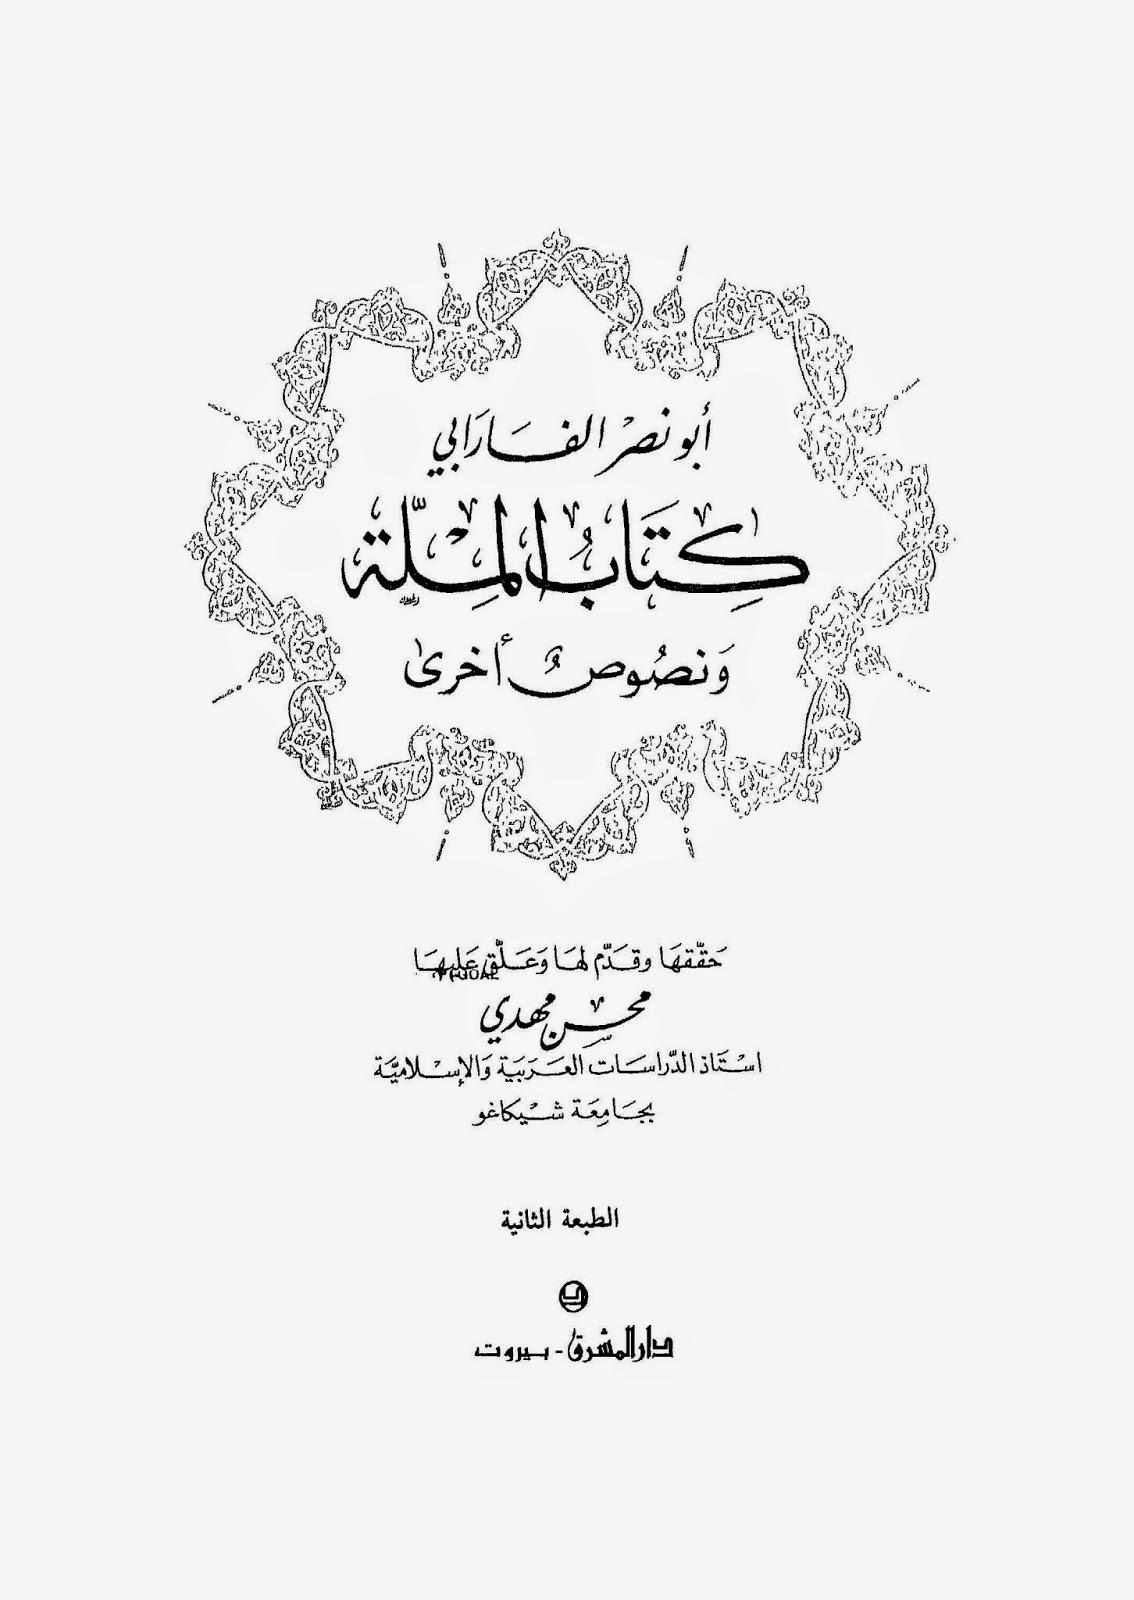 كتاب الملة ونصوص أخرى لأبي نصر الفارابي